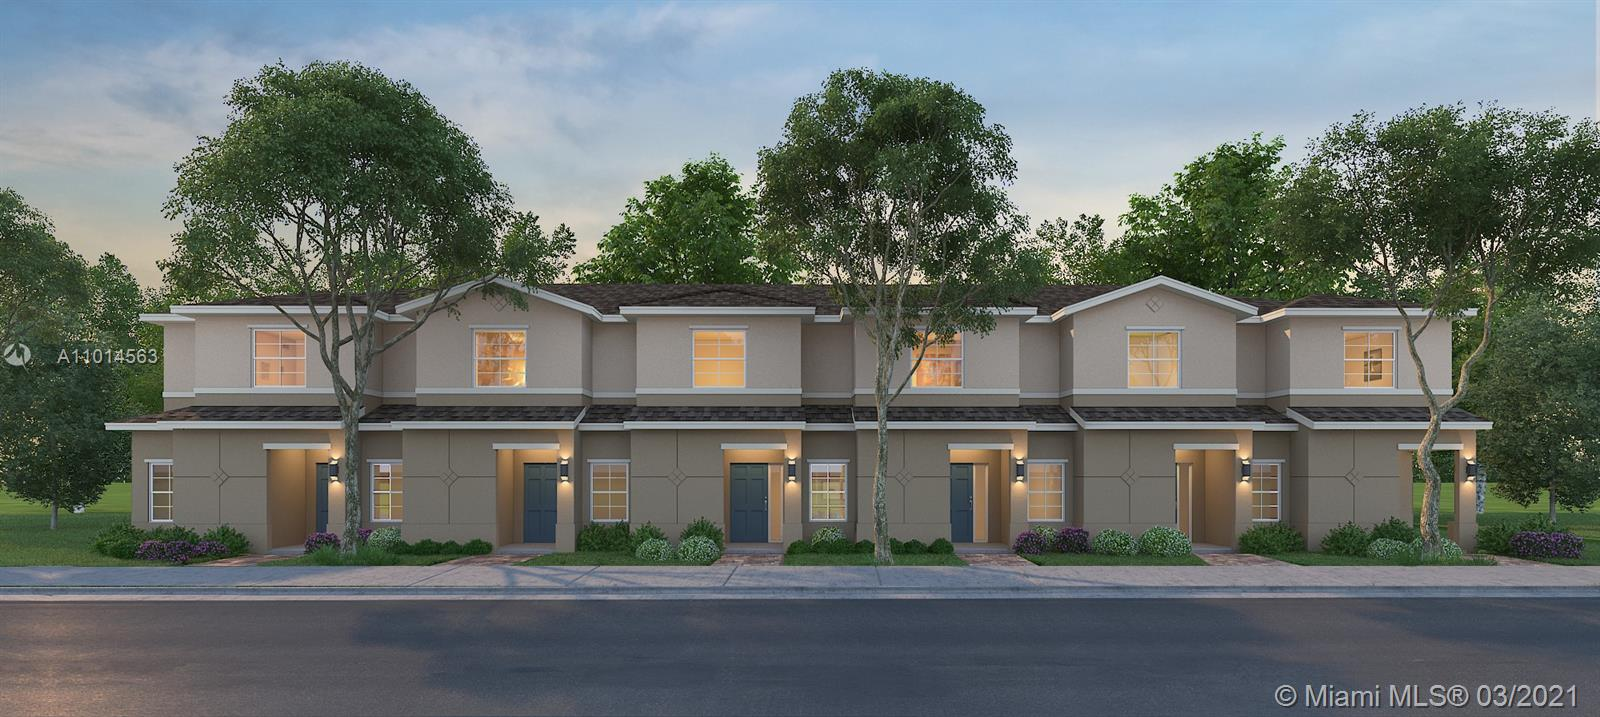 549 Ne 5 St Property Photo 1